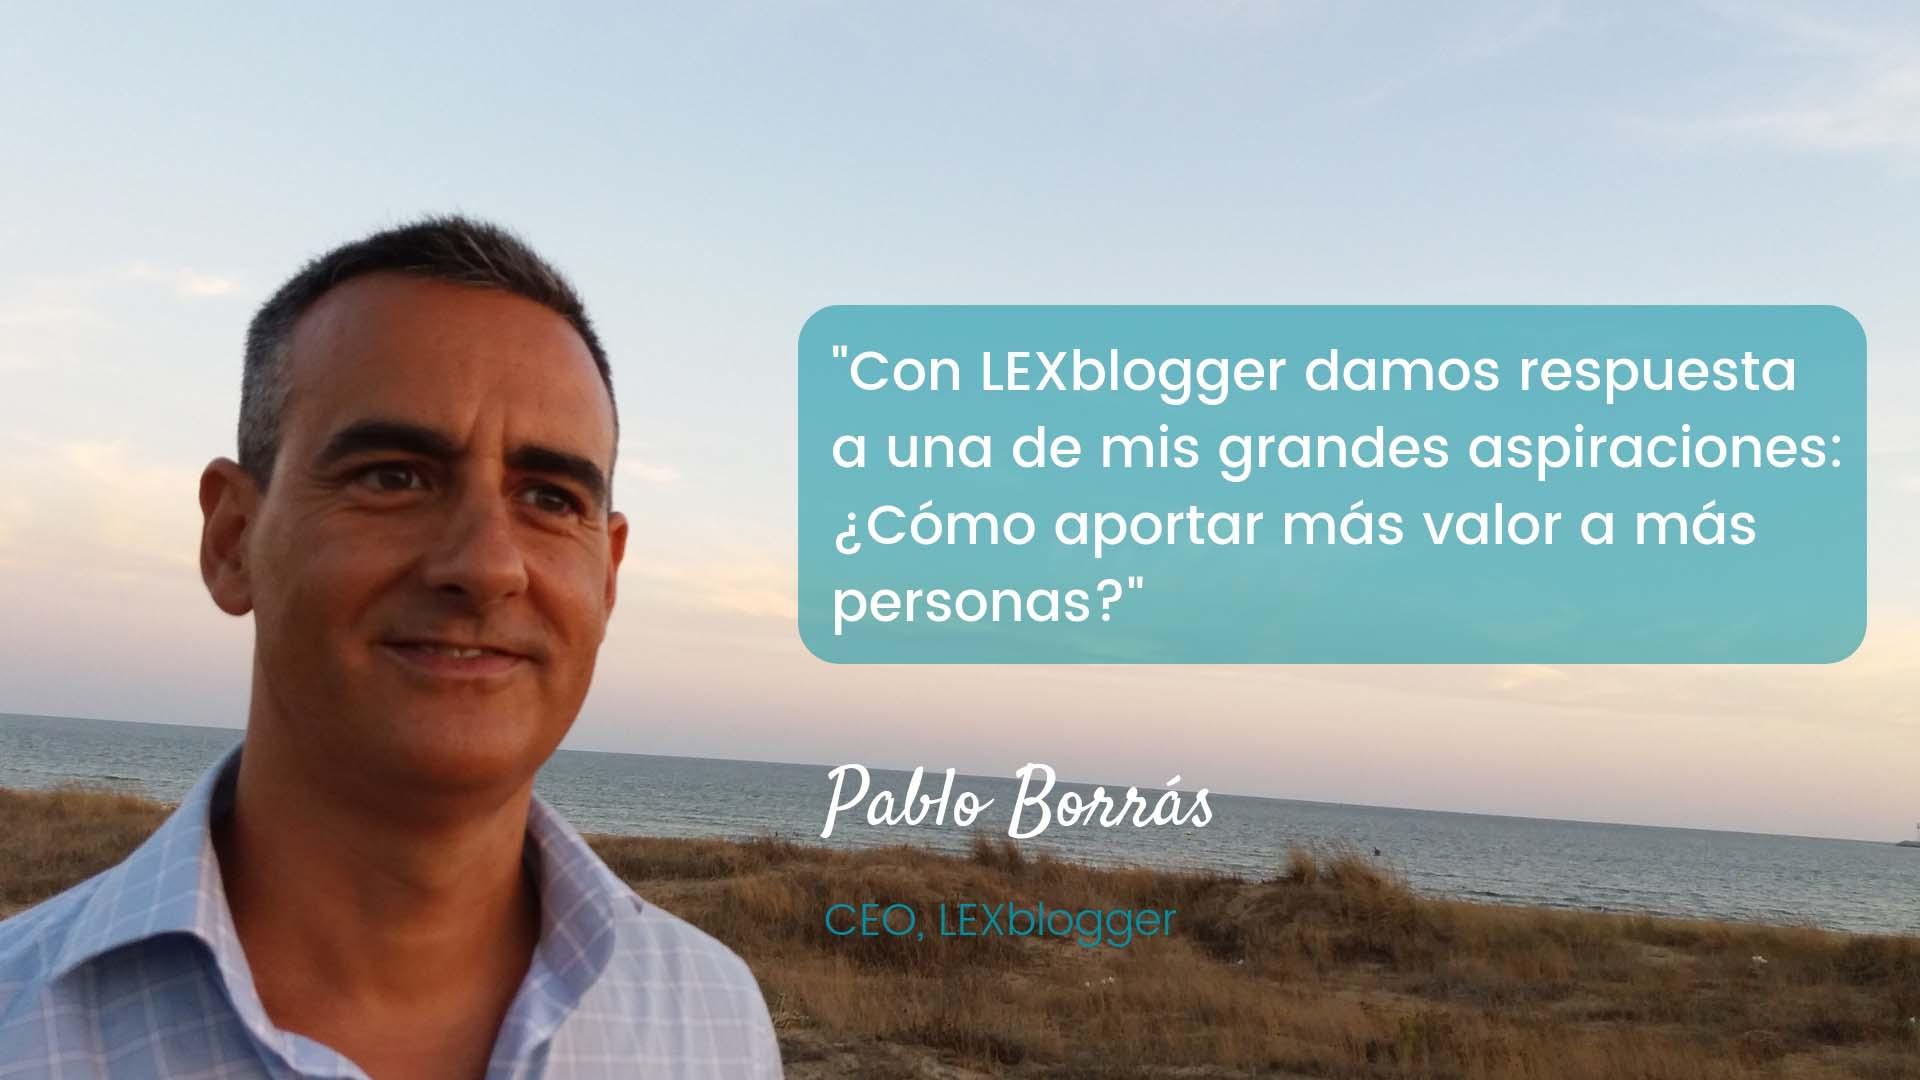 Cómo aportar mas valor a mas personas - Pablo Borrás